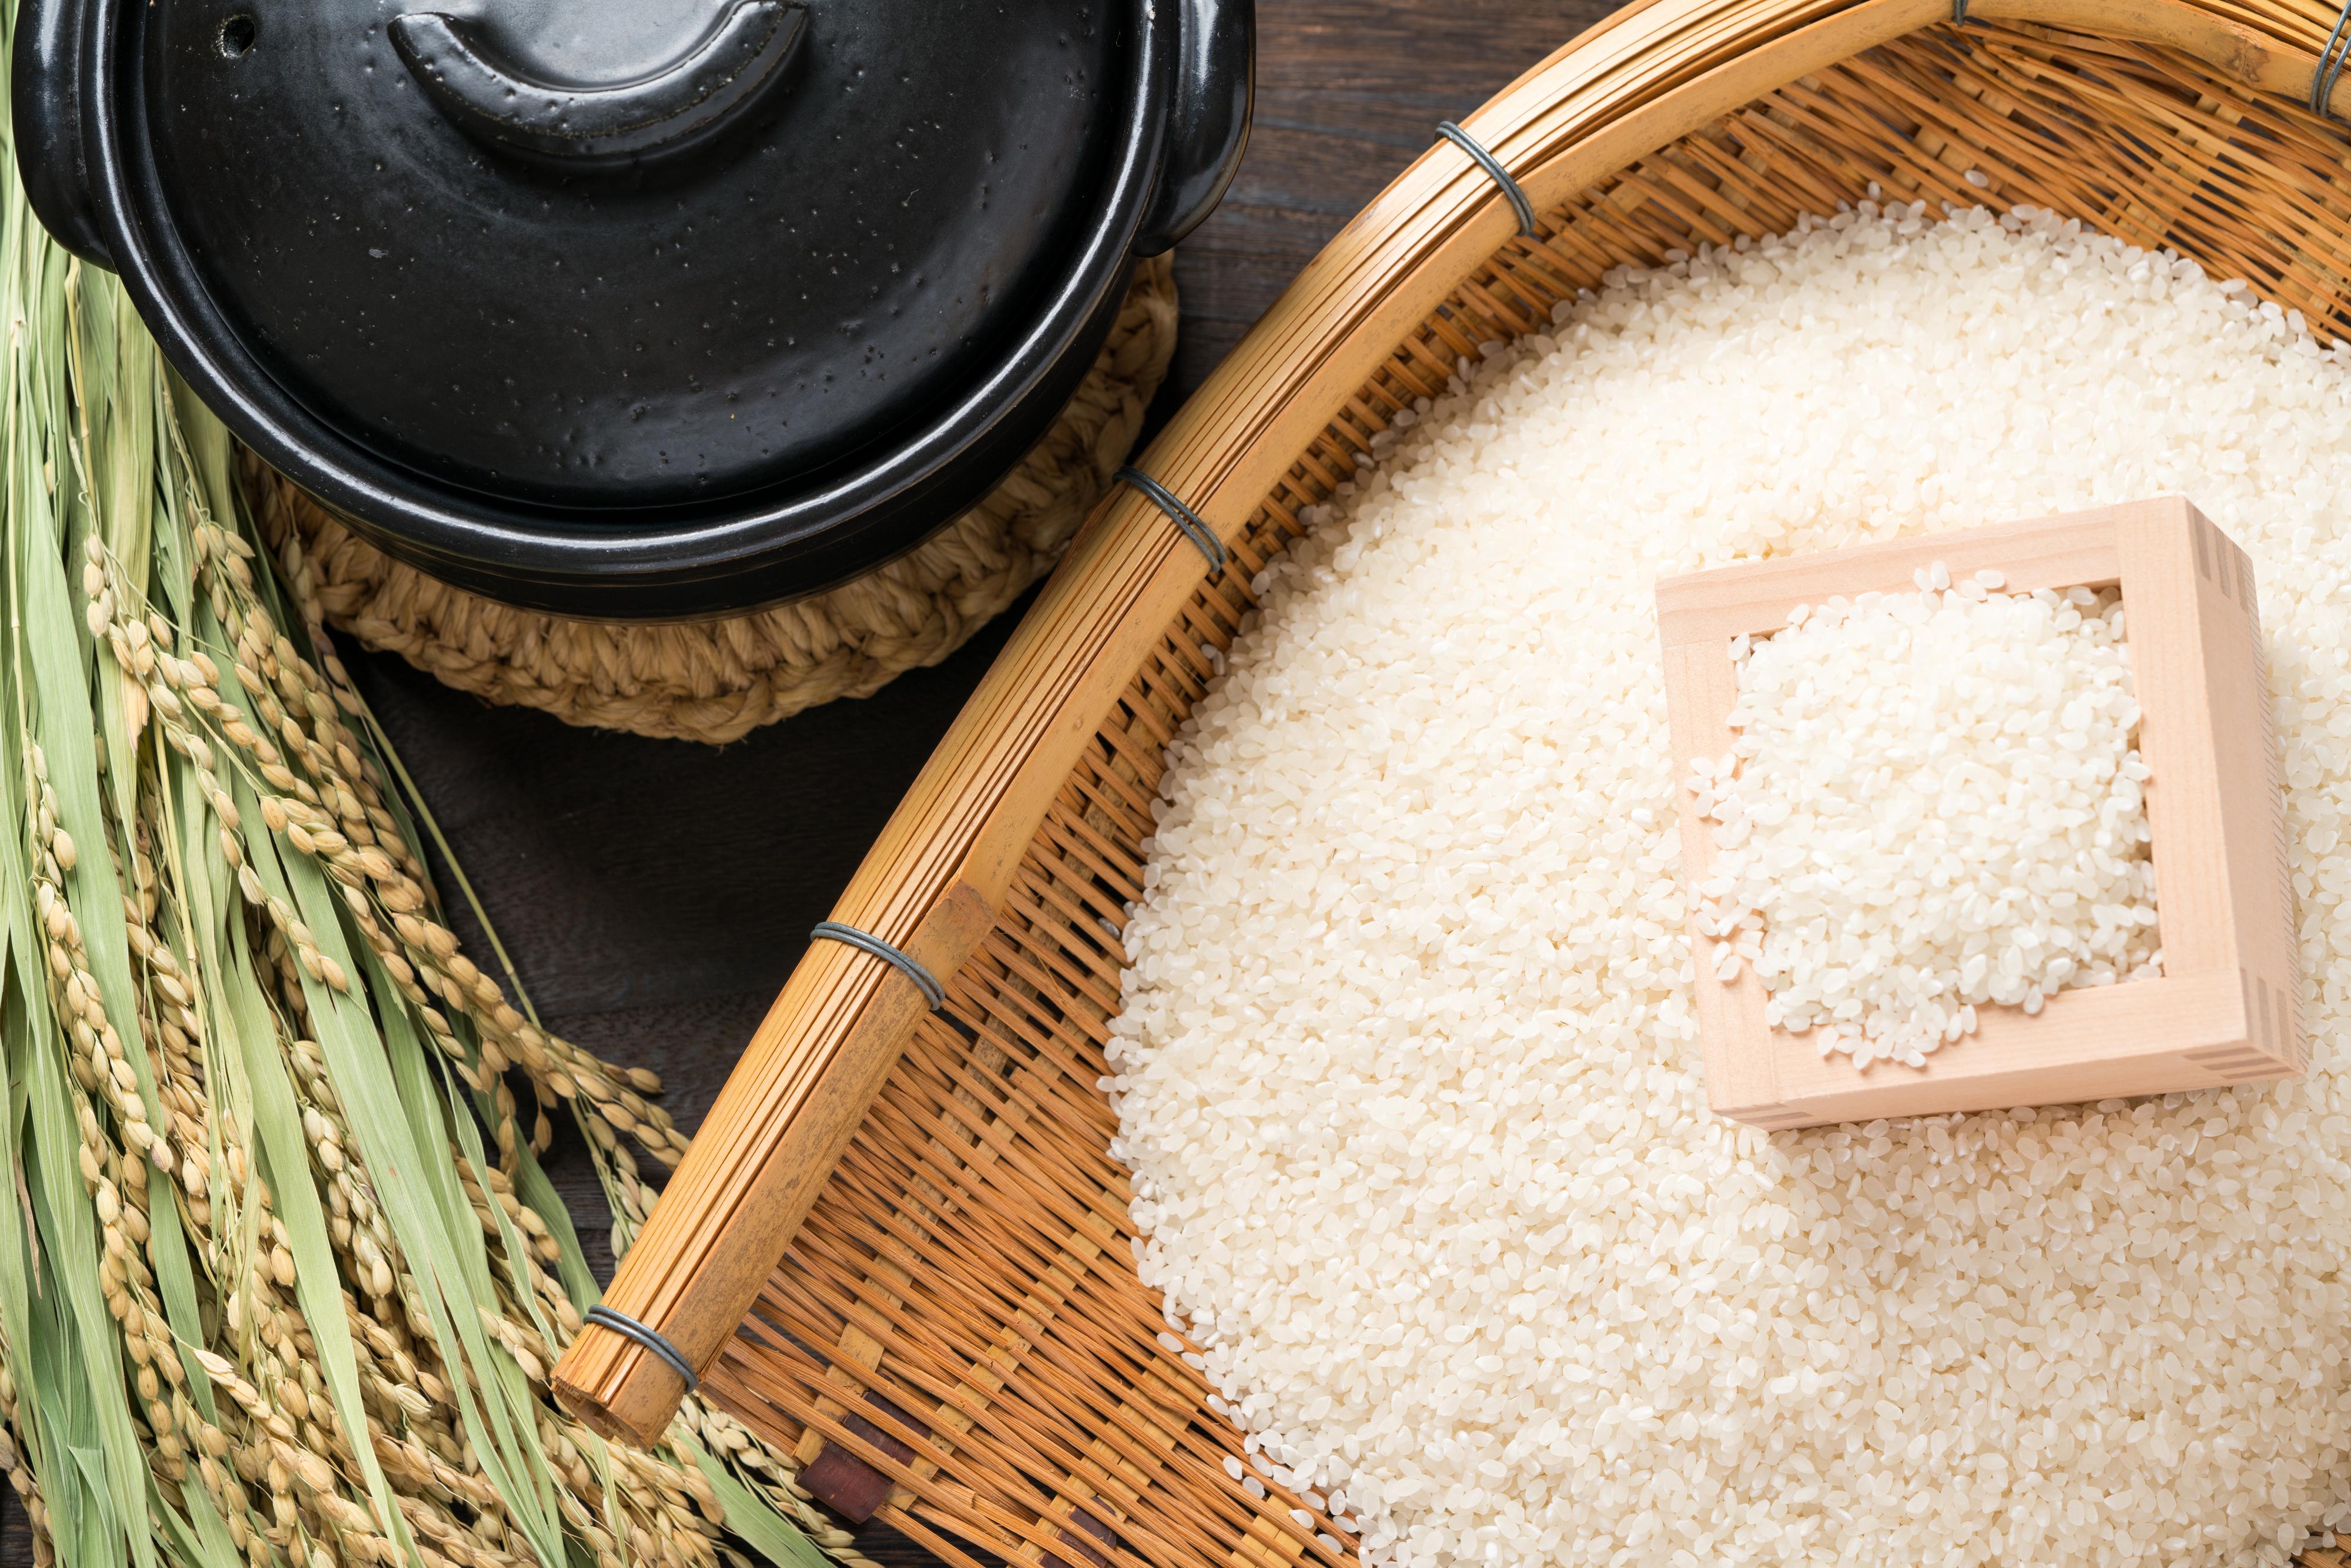 安心・安全・おいしいお米をお届けする お米のプロフェッショナル「トーベイ株式会社」